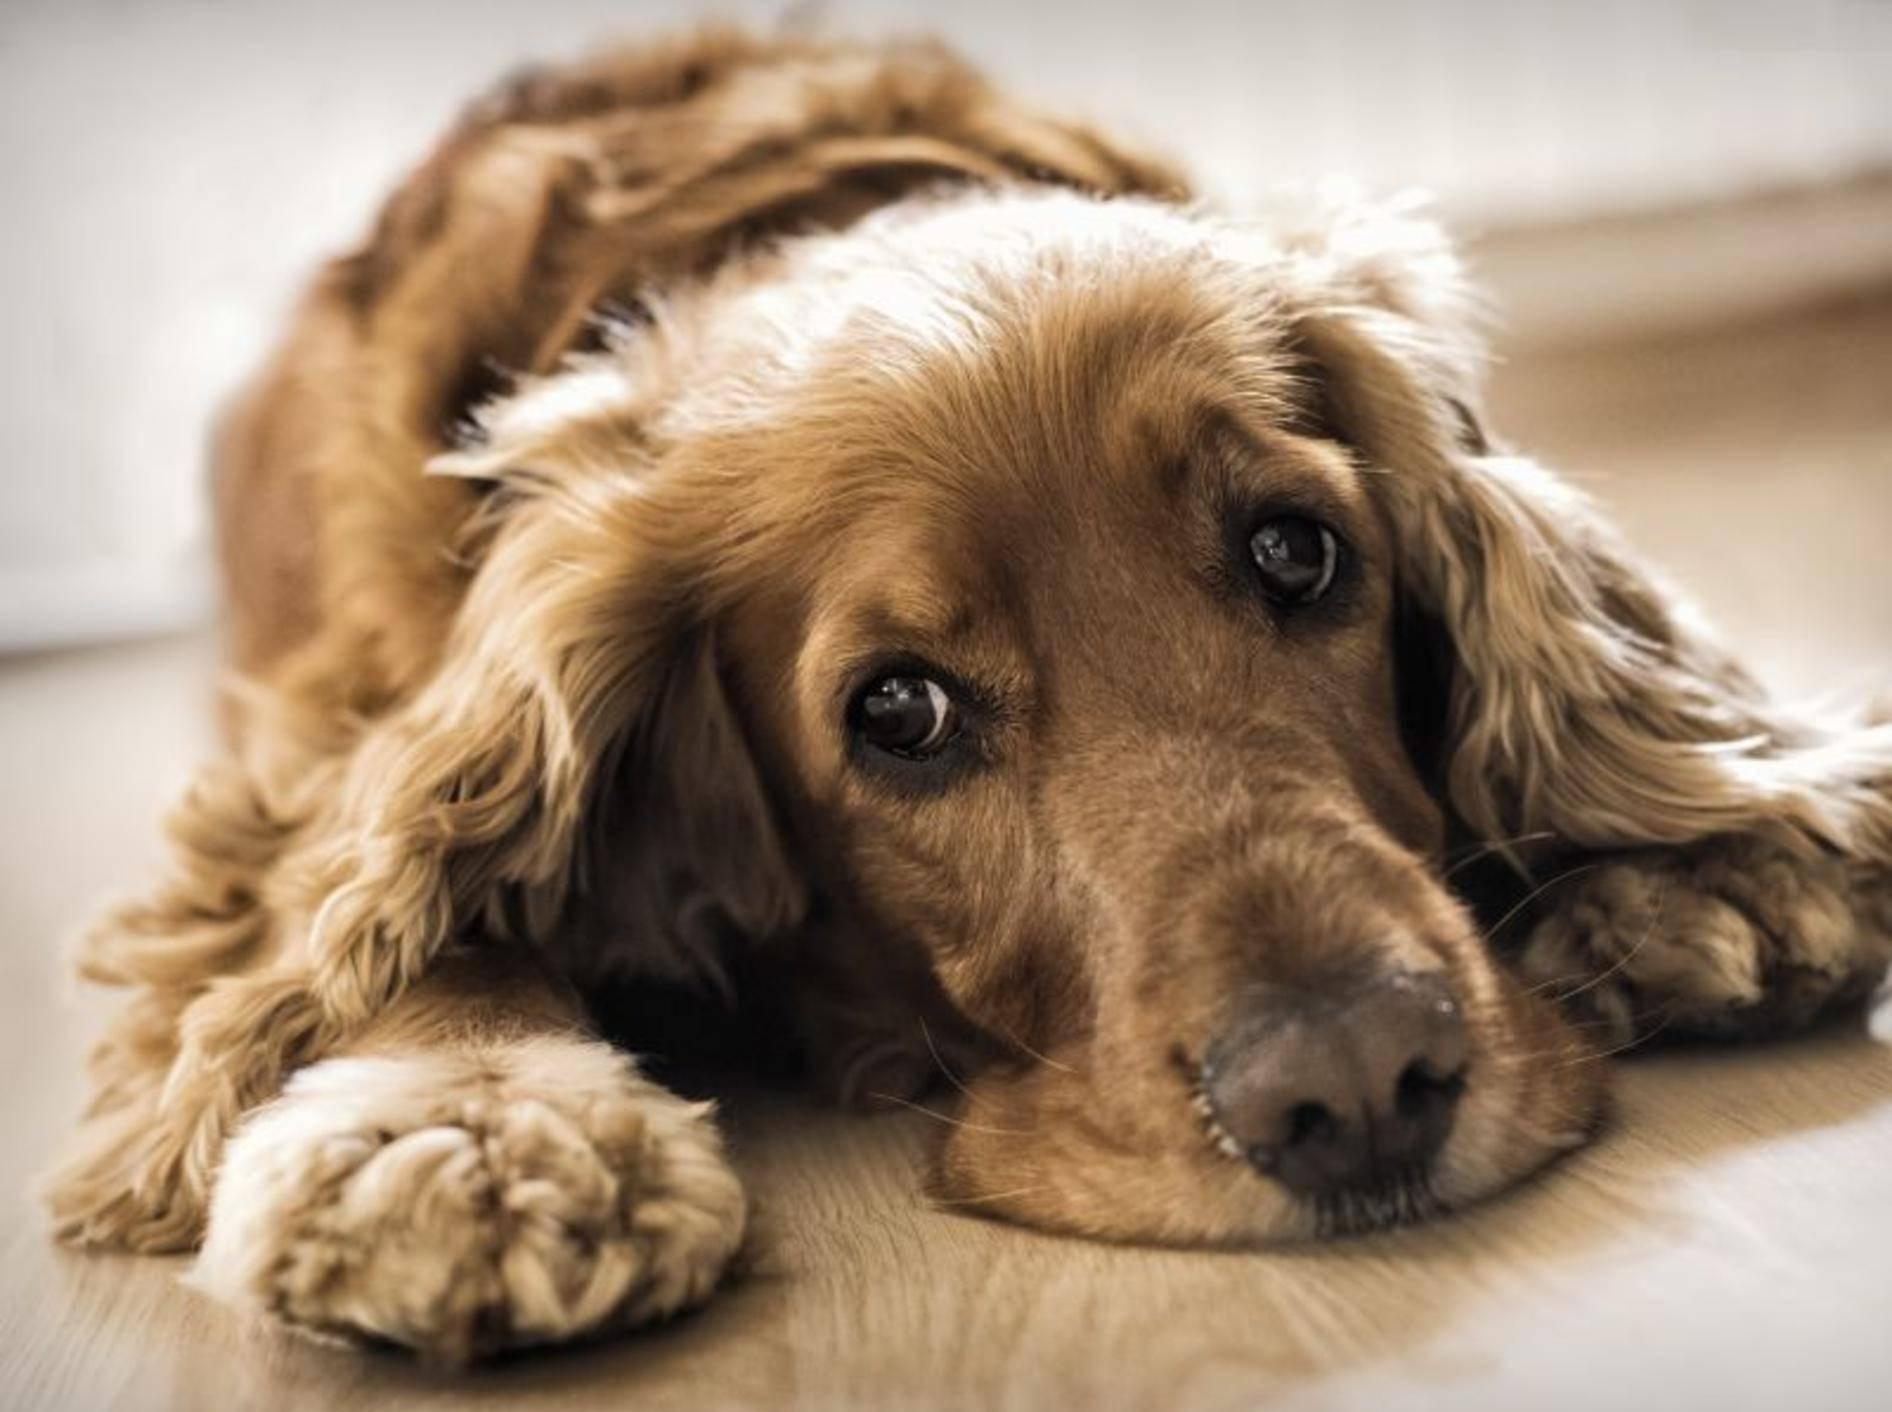 Beobachten Sie Ihren Hund genau, um herauszufinden, was ihn stresst – Shutterstock / Elisa 69